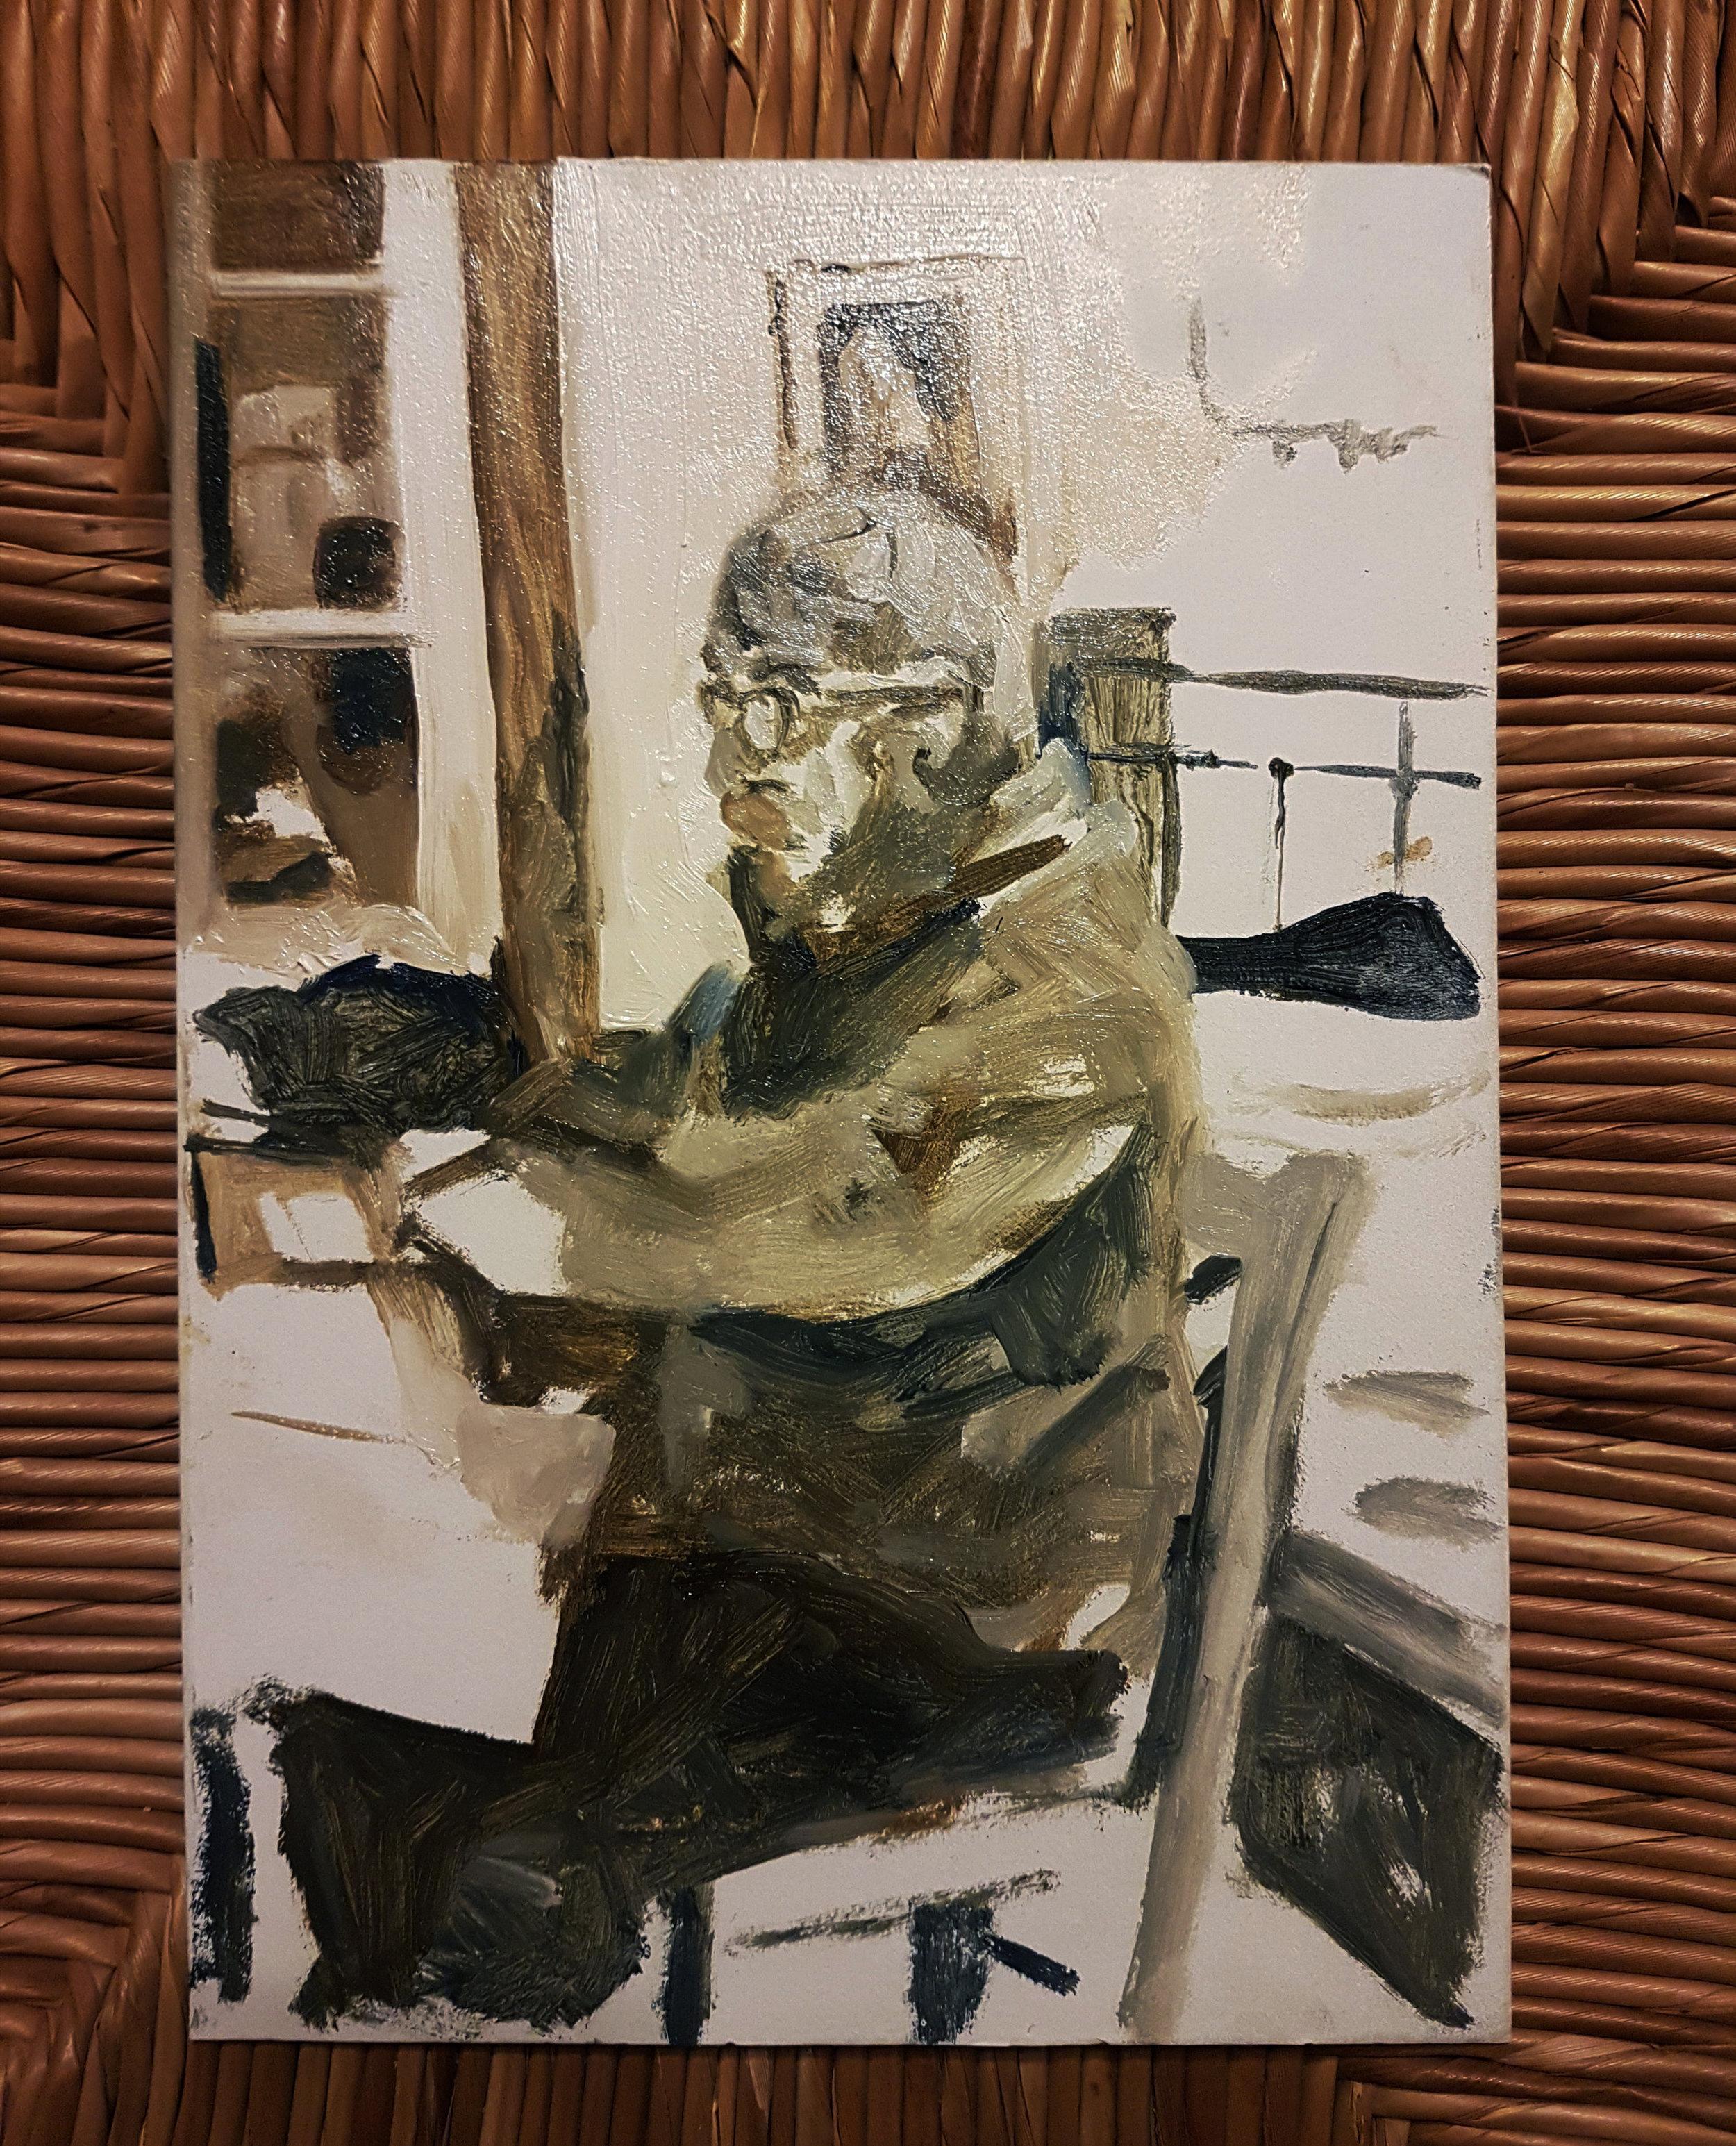 Sevan (sketch), oil on cardboard, 2018